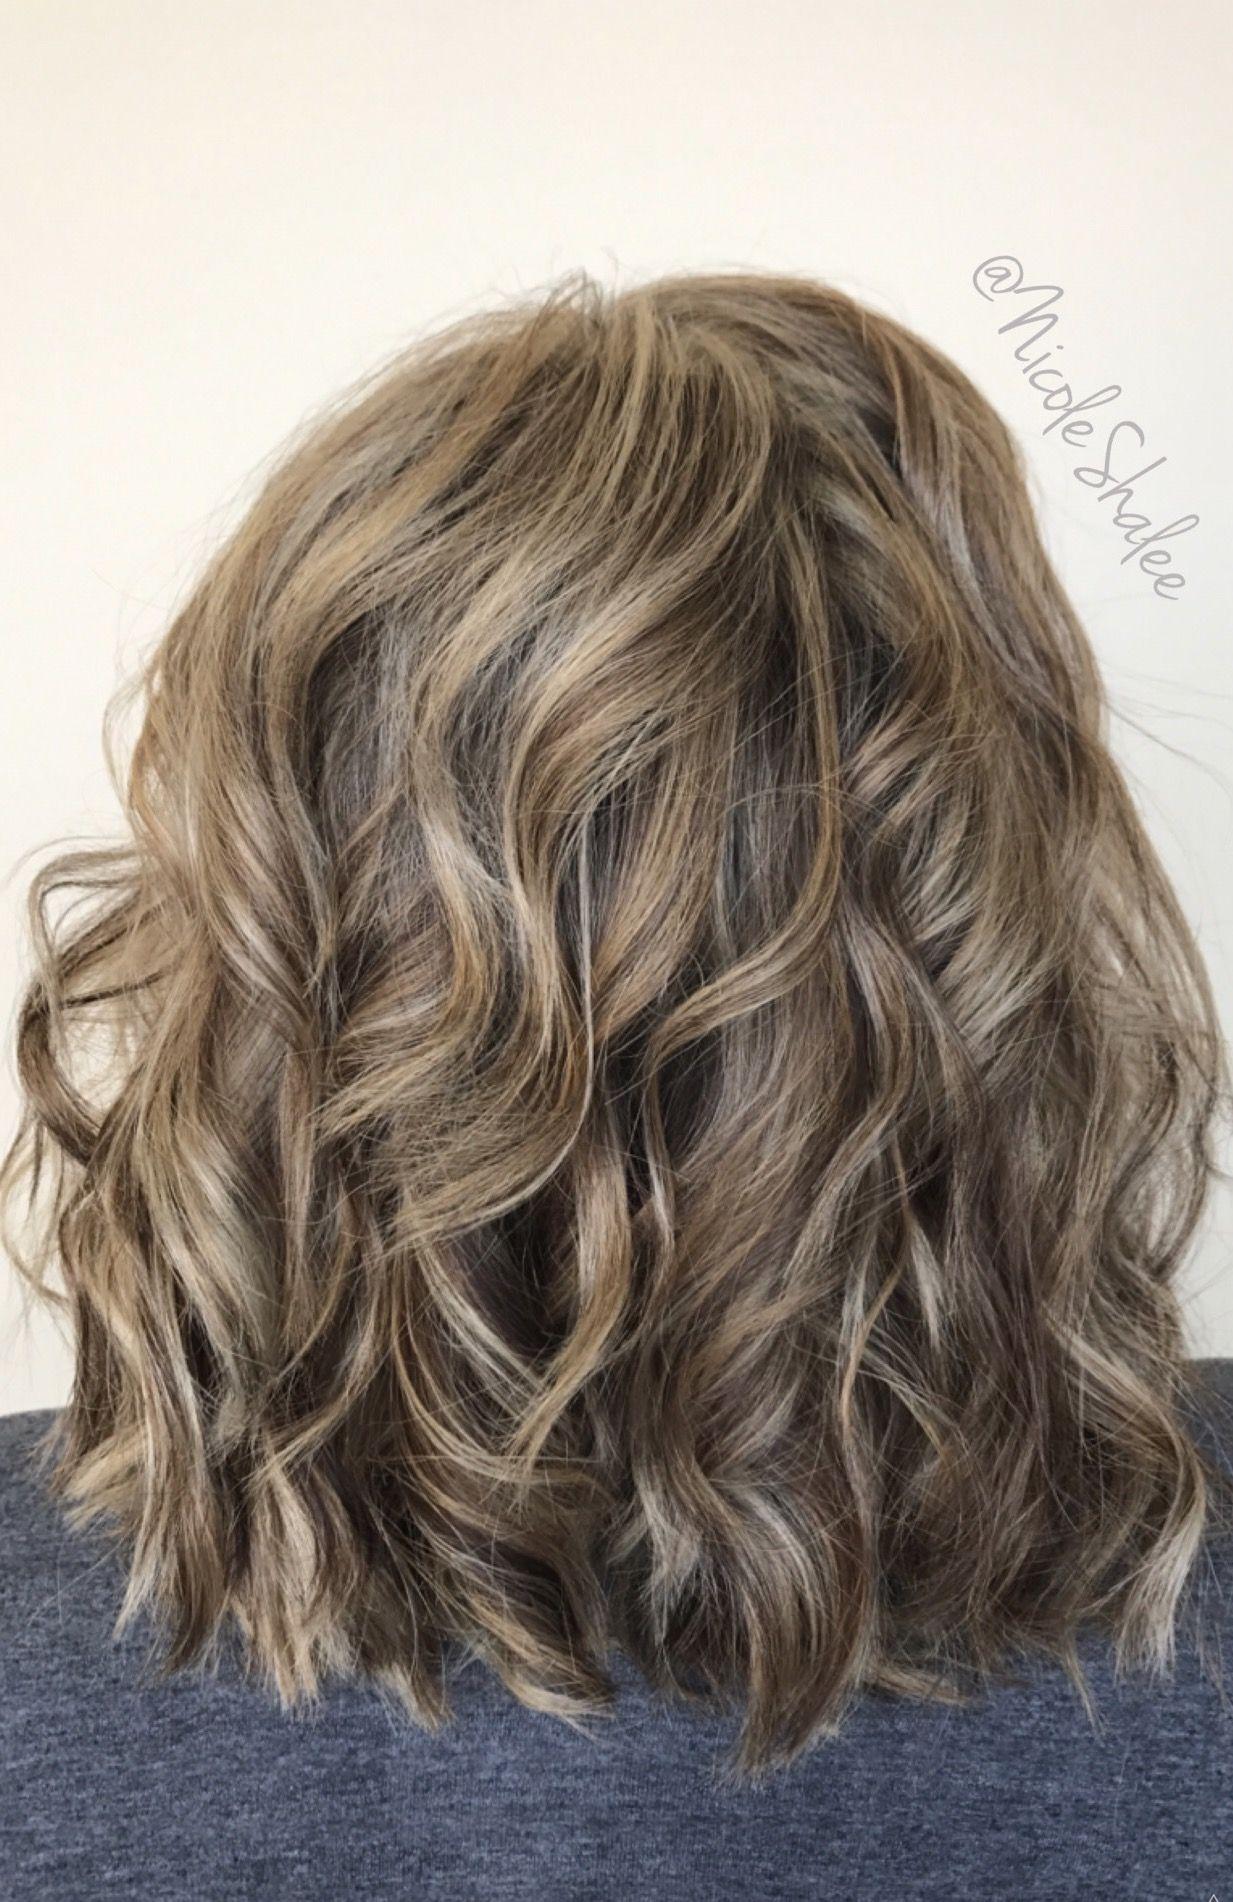 lob long bob beach waves bronde hair sandy brown hair sandy blonde hair curled hair. Black Bedroom Furniture Sets. Home Design Ideas